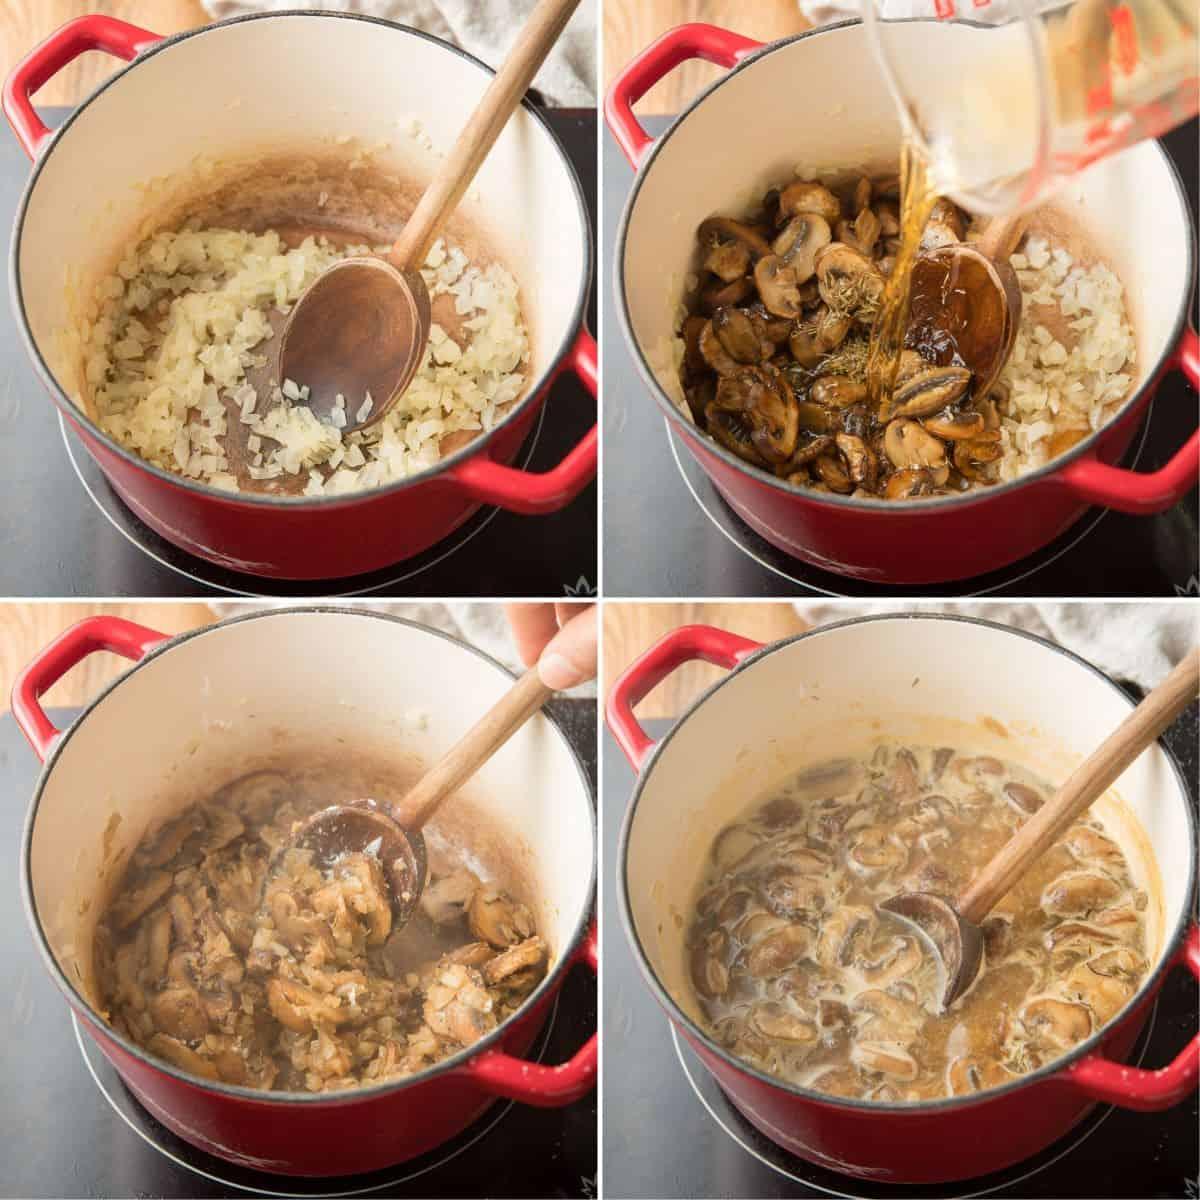 Collage Showing 4 Steps for Making Vegan Mushroom Gravy